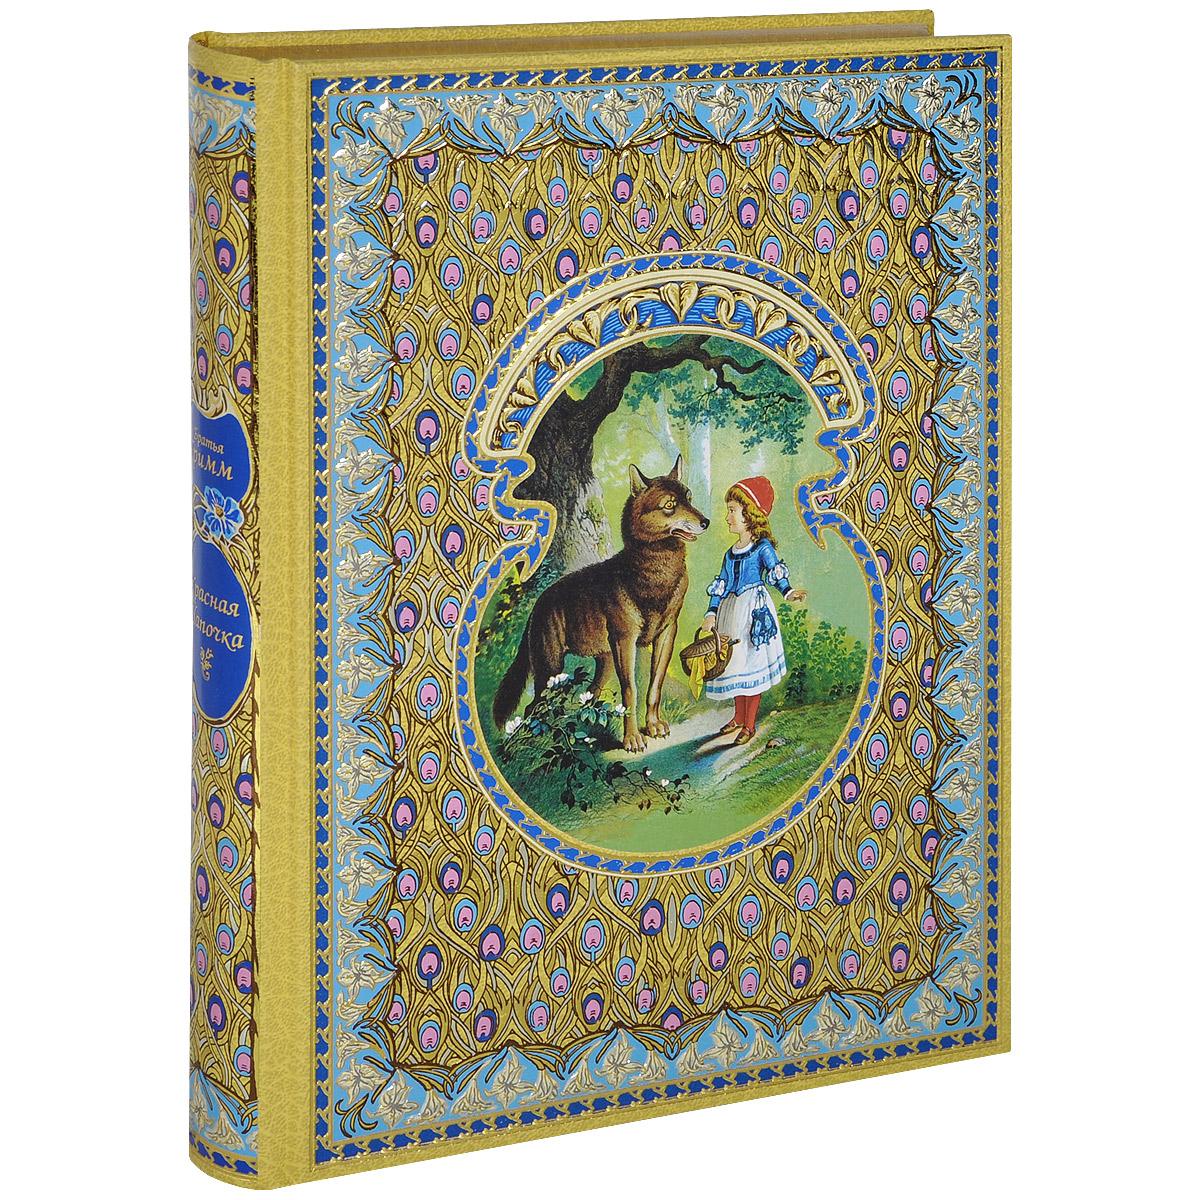 Братья Гримм Красная Шапочка (подарочное издание) лесные сказки подарочное издание 3 dvd